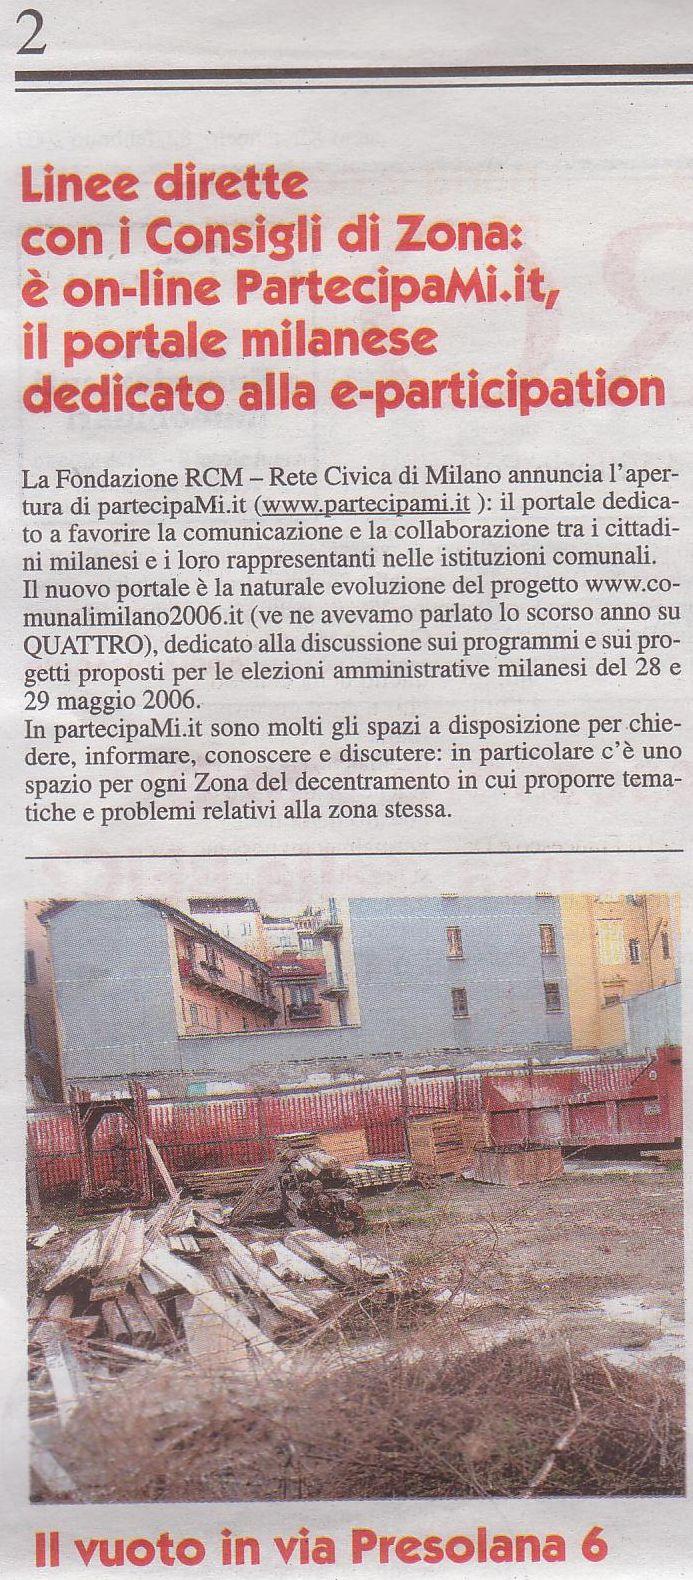 ArticolosuQUATTROfebbraio2007-1.jpg